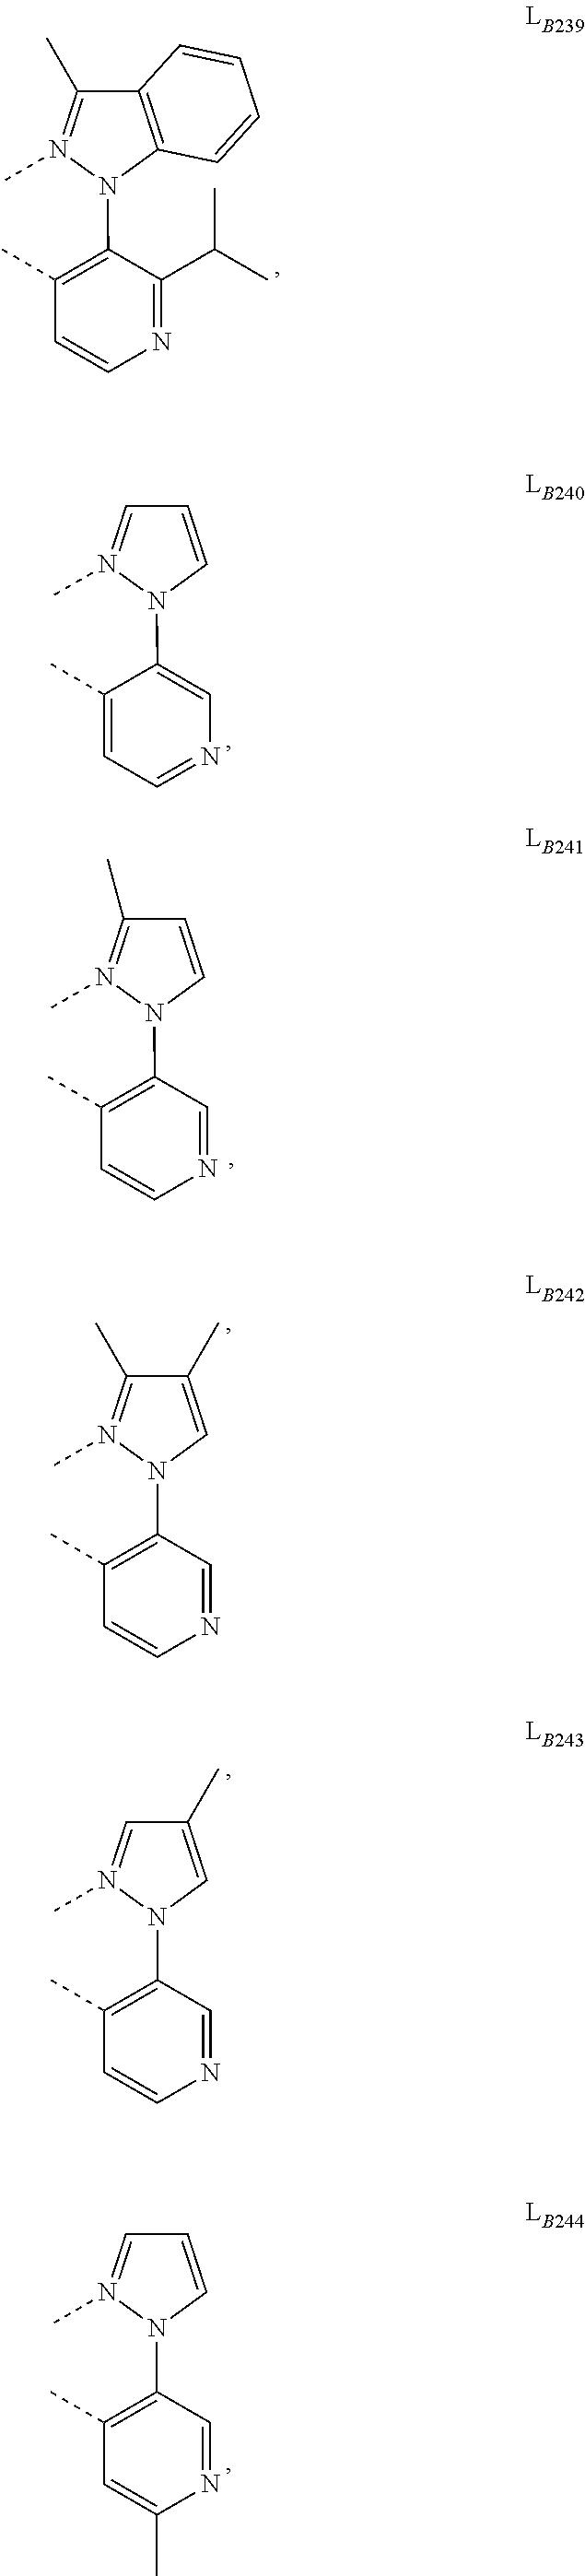 Figure US09905785-20180227-C00158